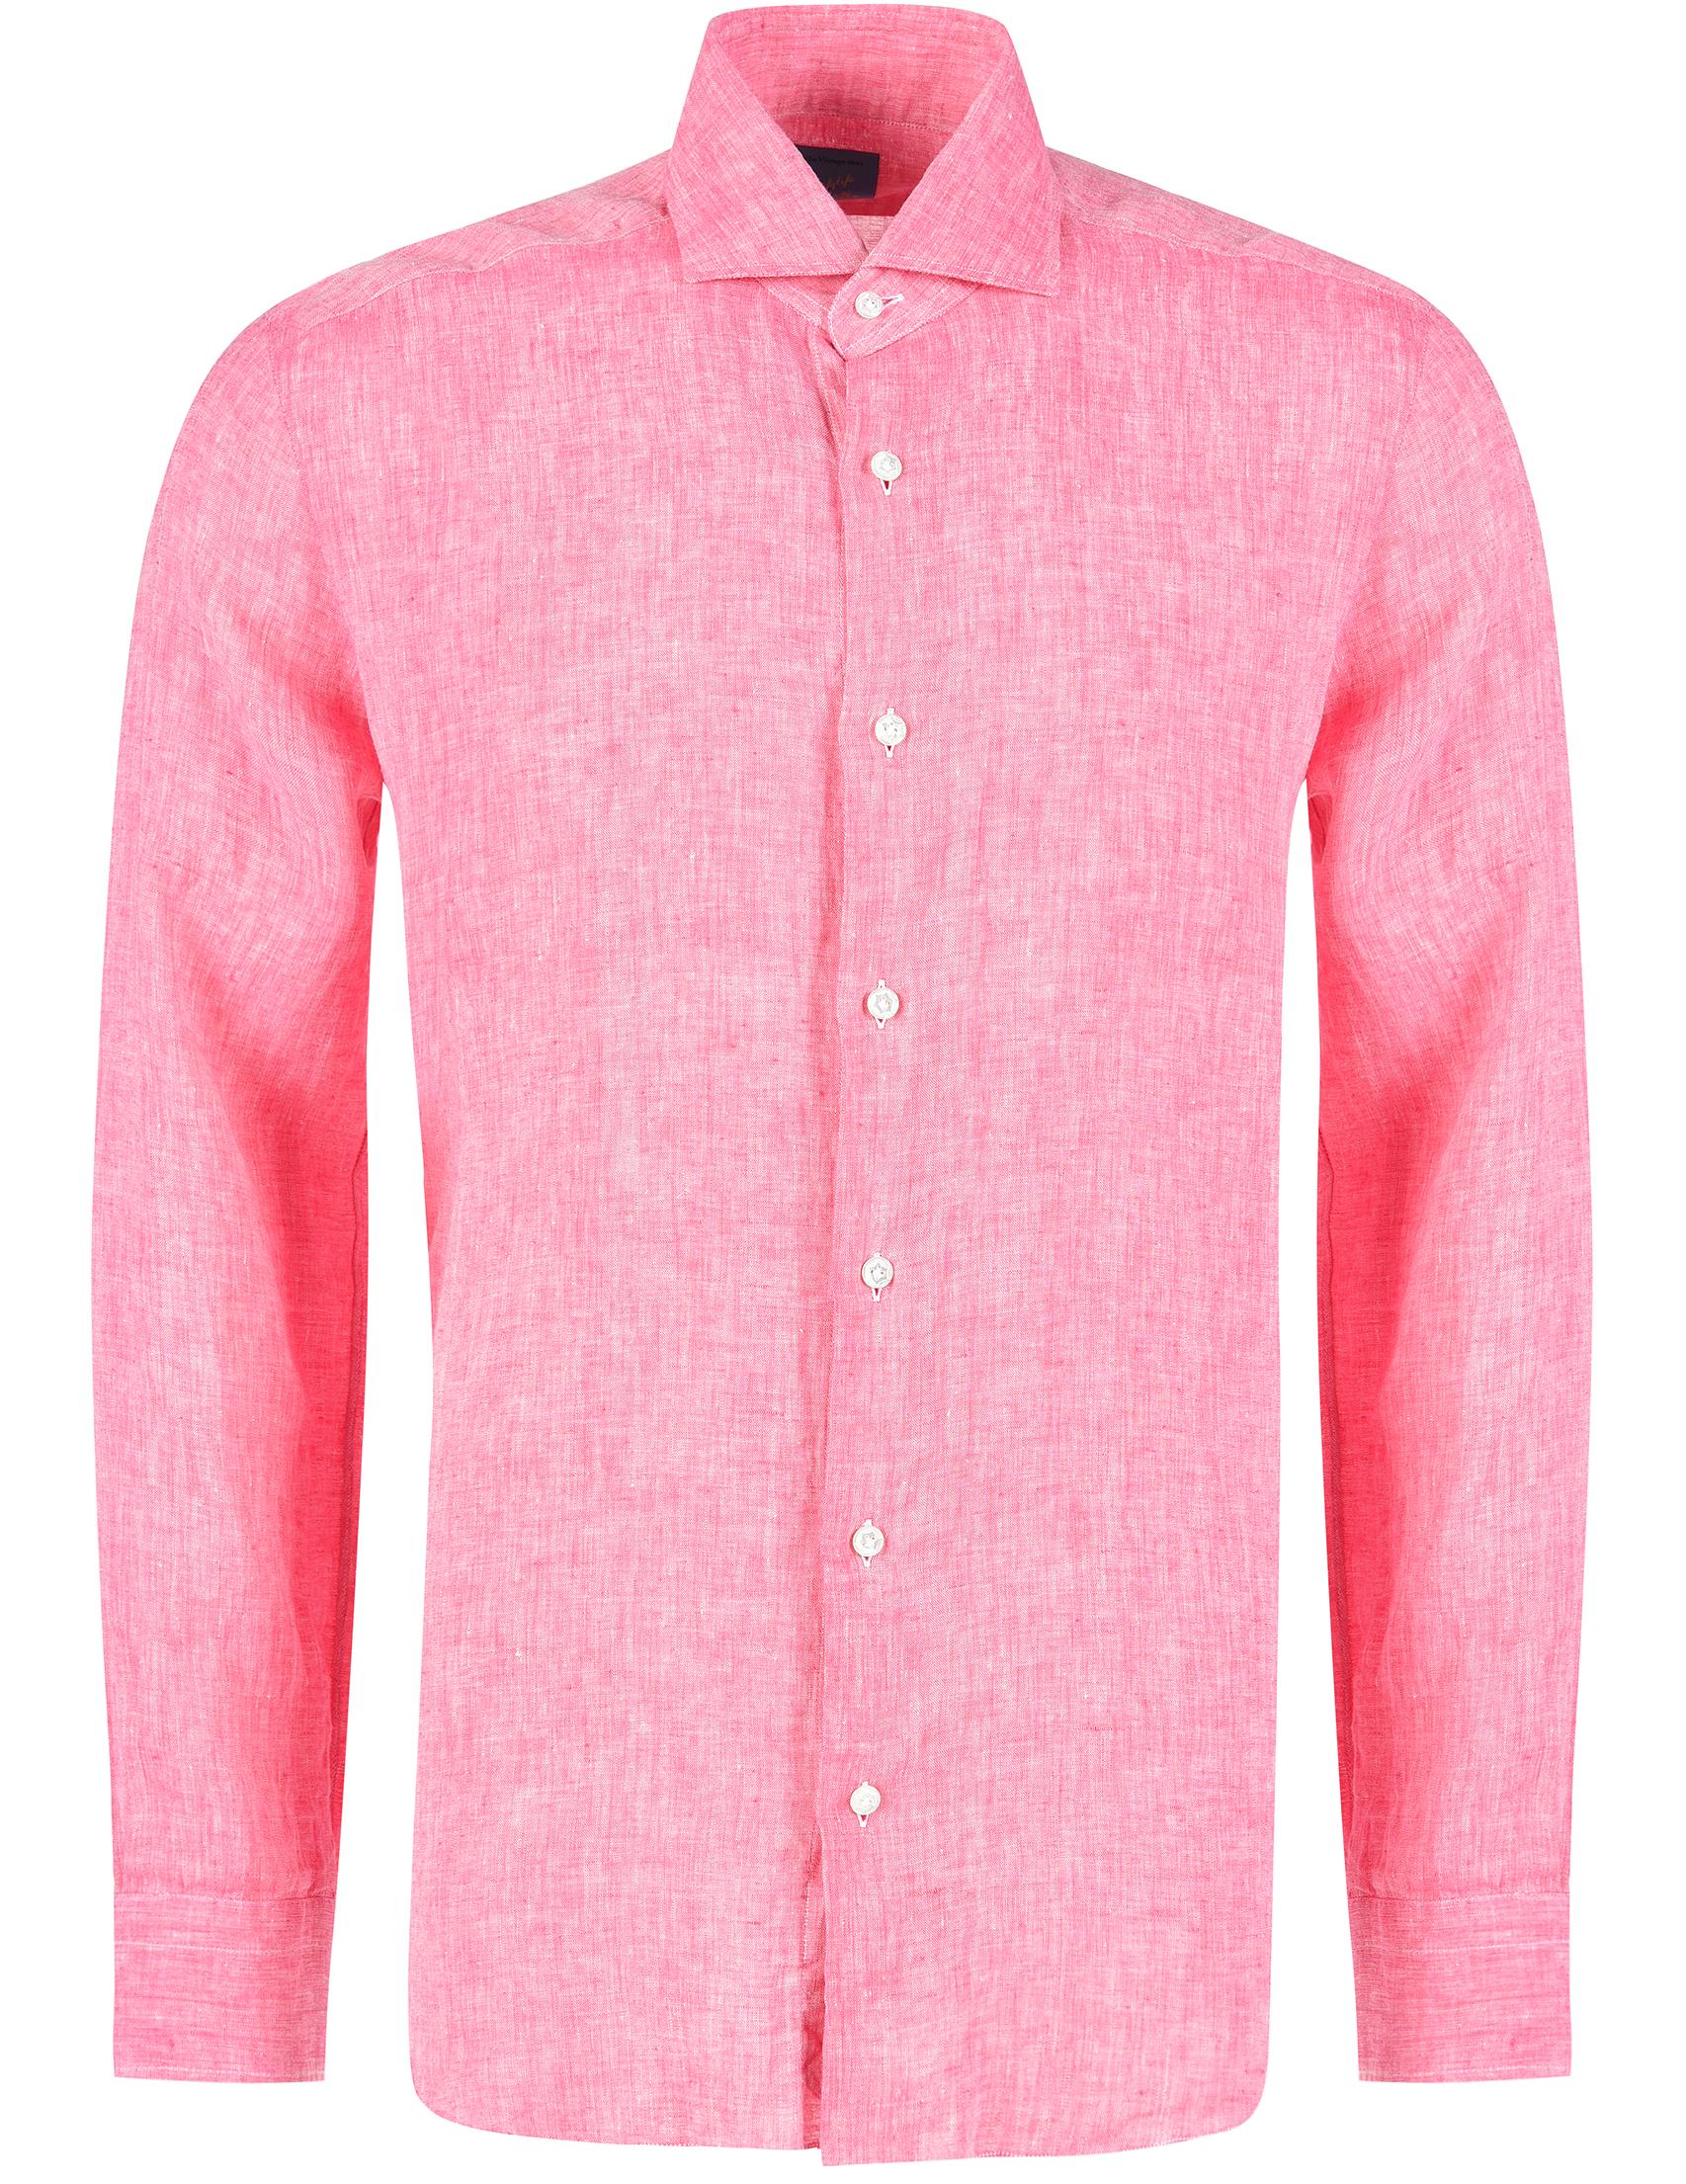 Купить Рубашки, Рубашка, BARBA, Розовый, 100%Лен, Весна-Лето